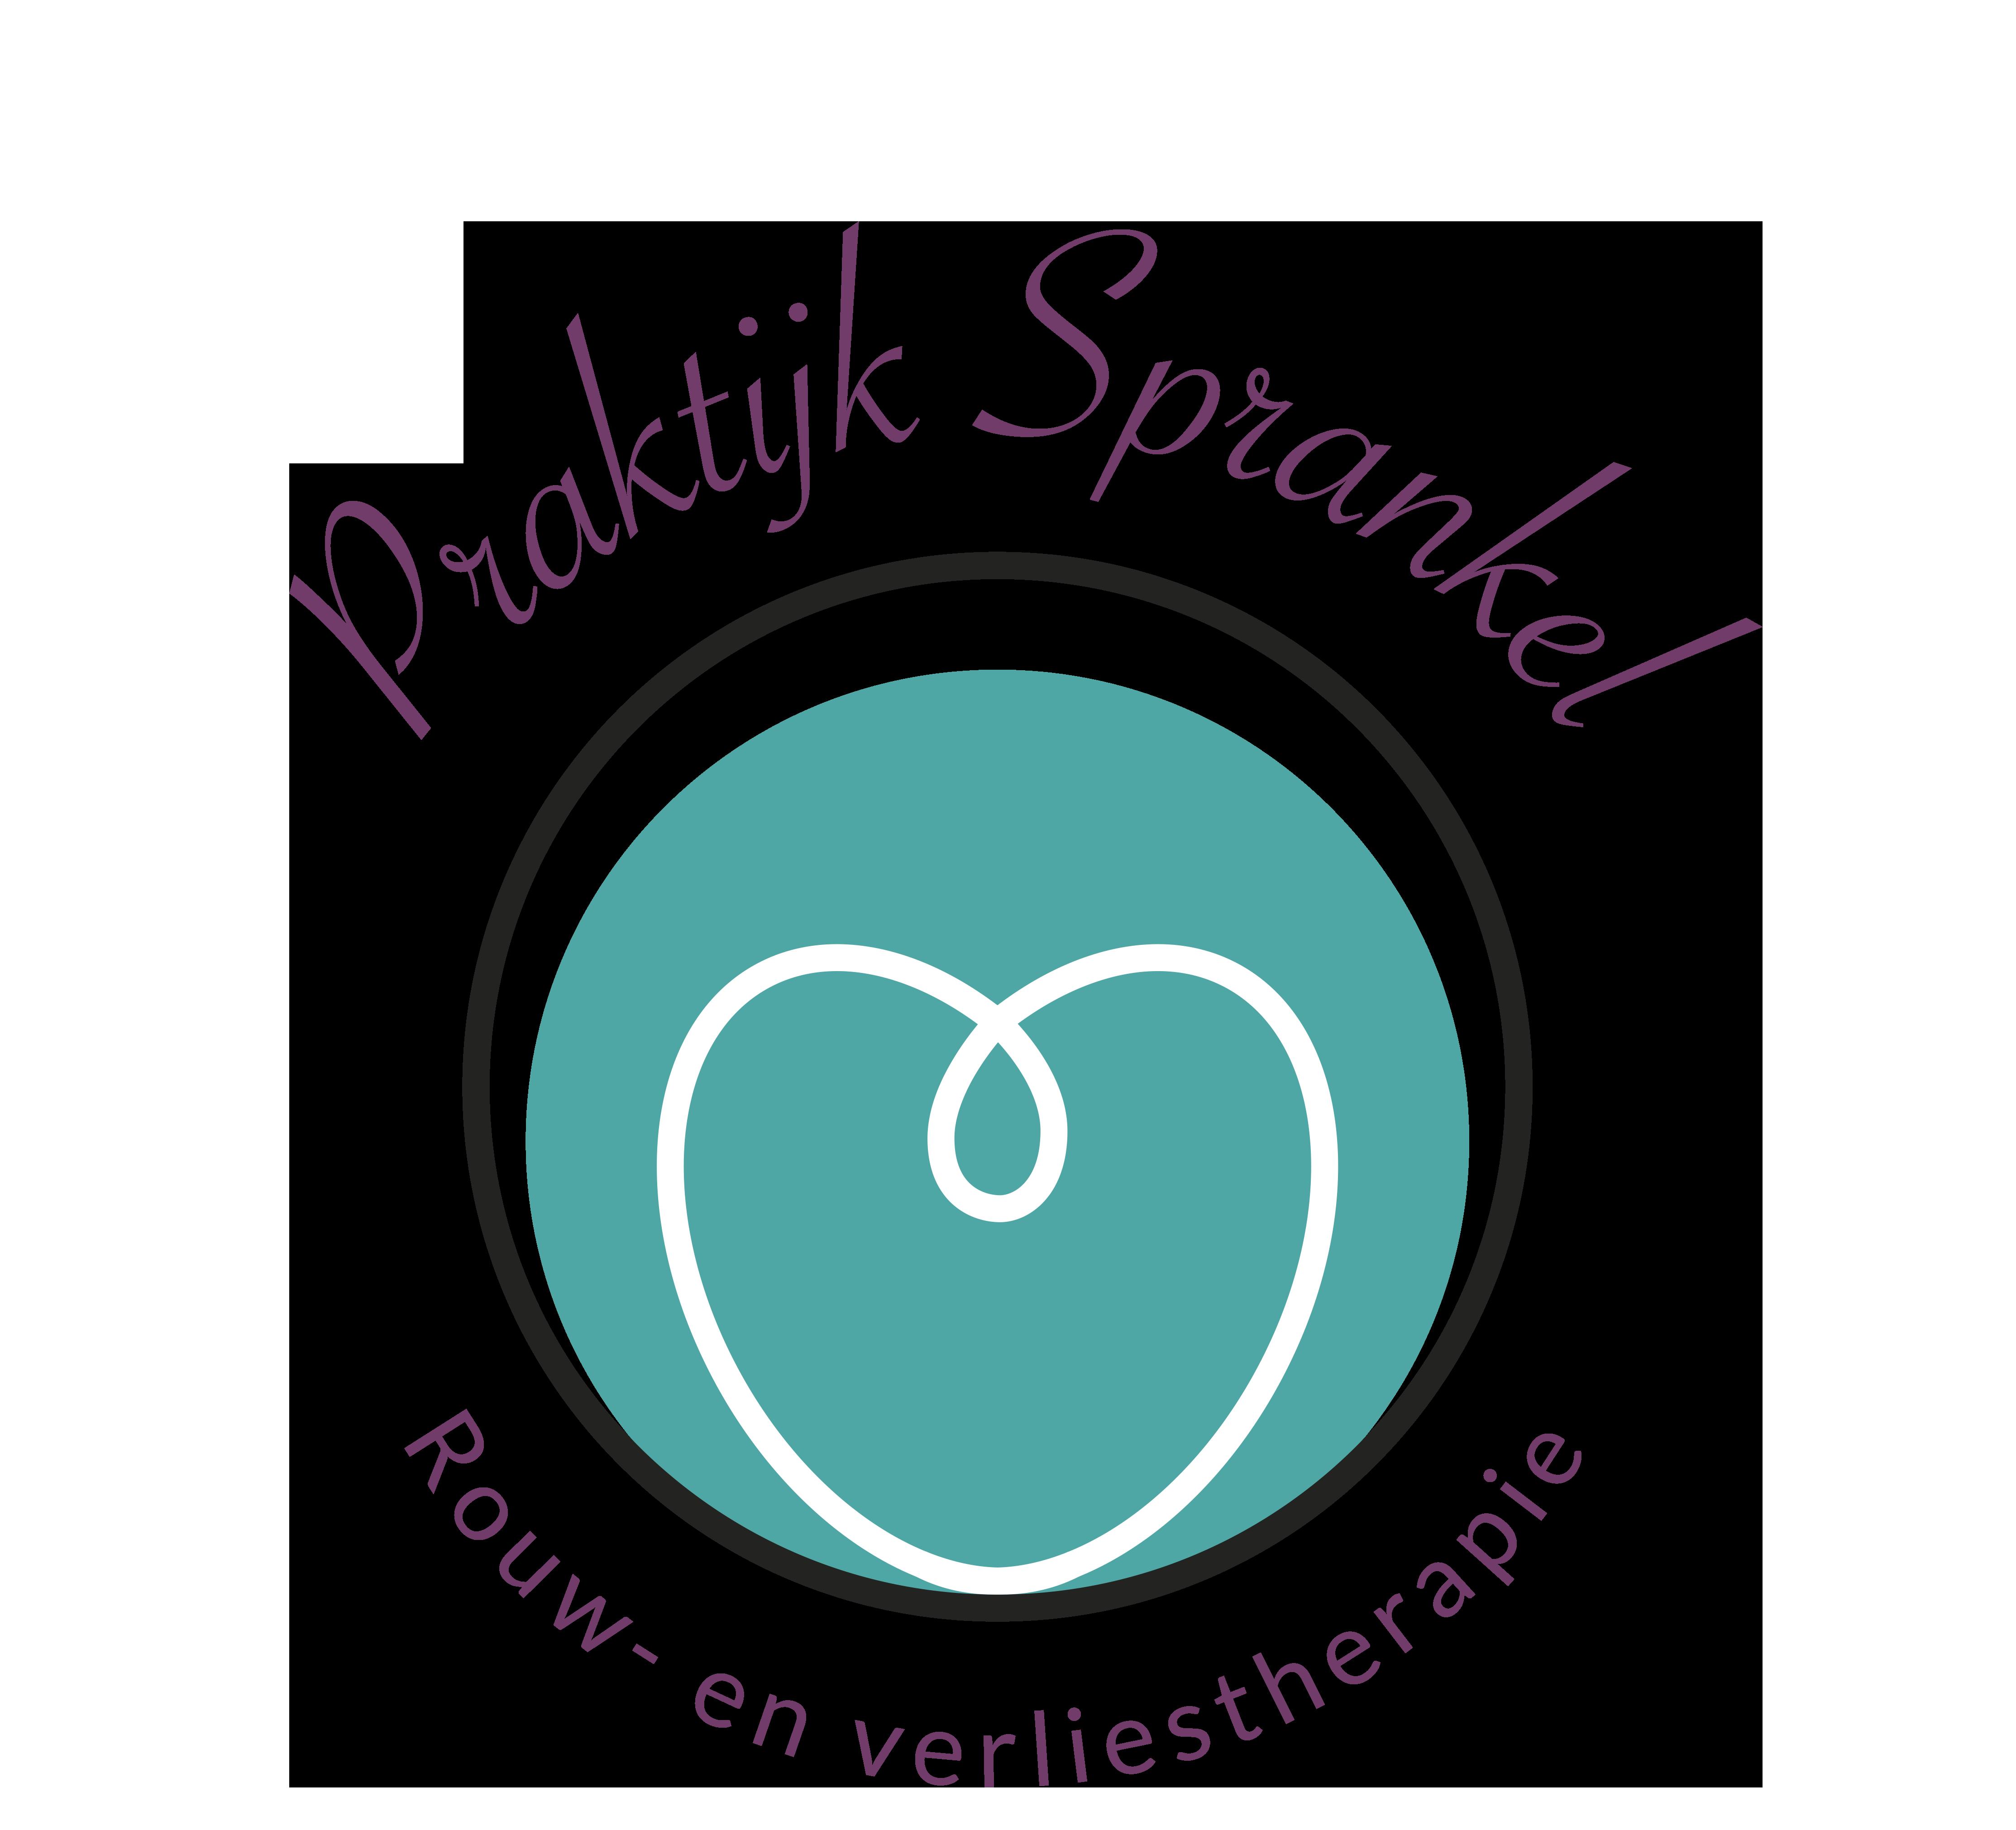 Sprankel logo png